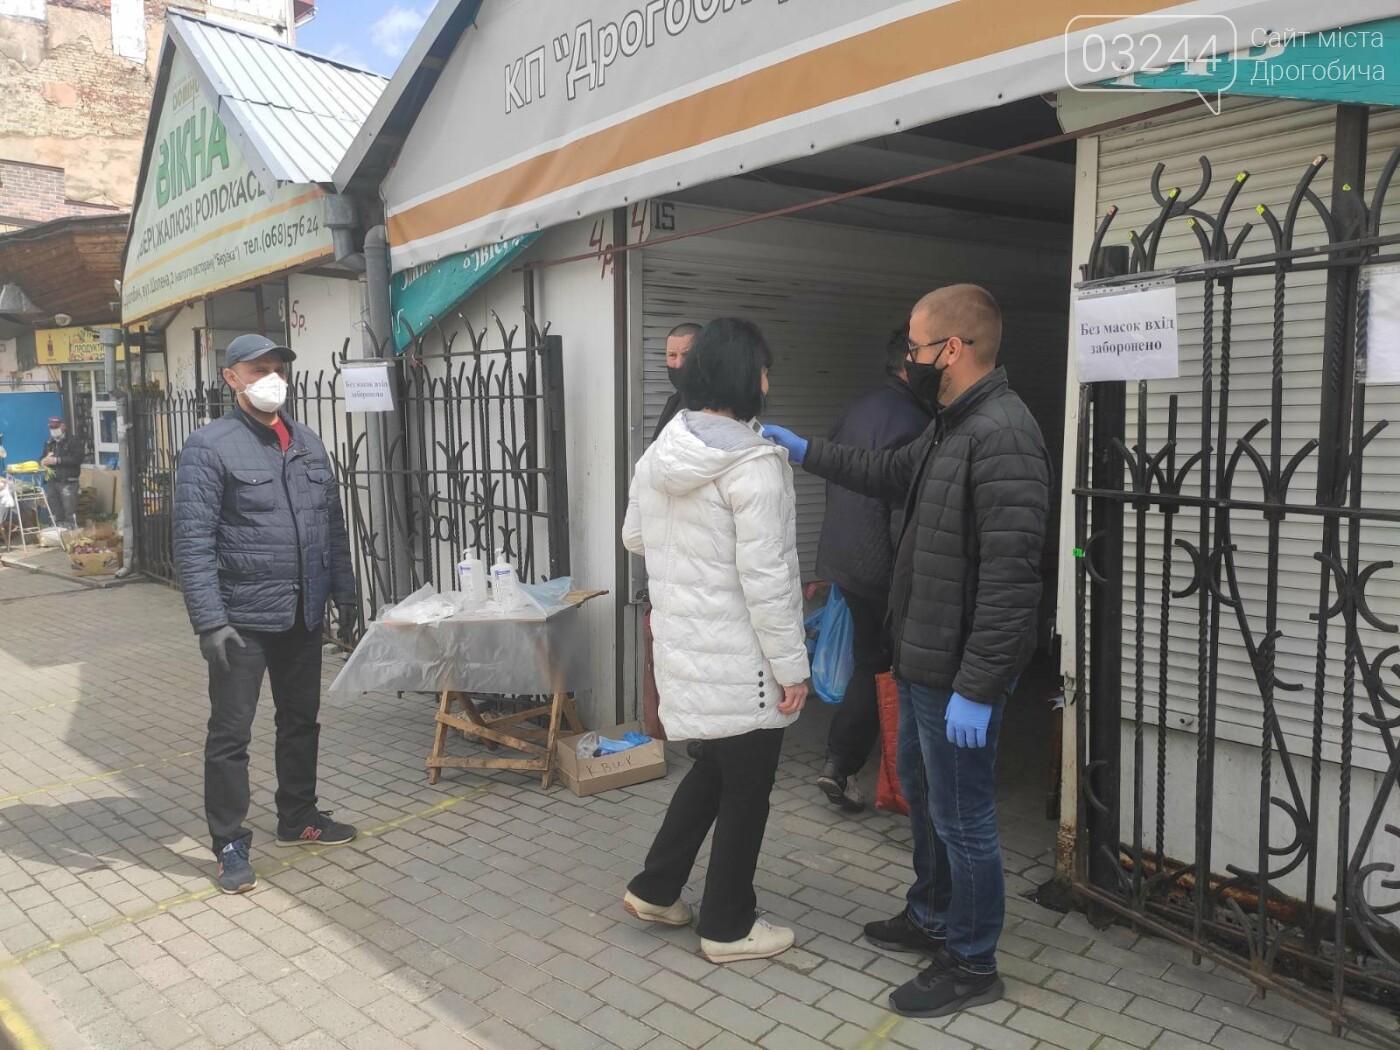 У Дрогобичі запрацював продуктовий ринок в центрі міста, -  ФОТОРЕПОРТАЖ, фото-5